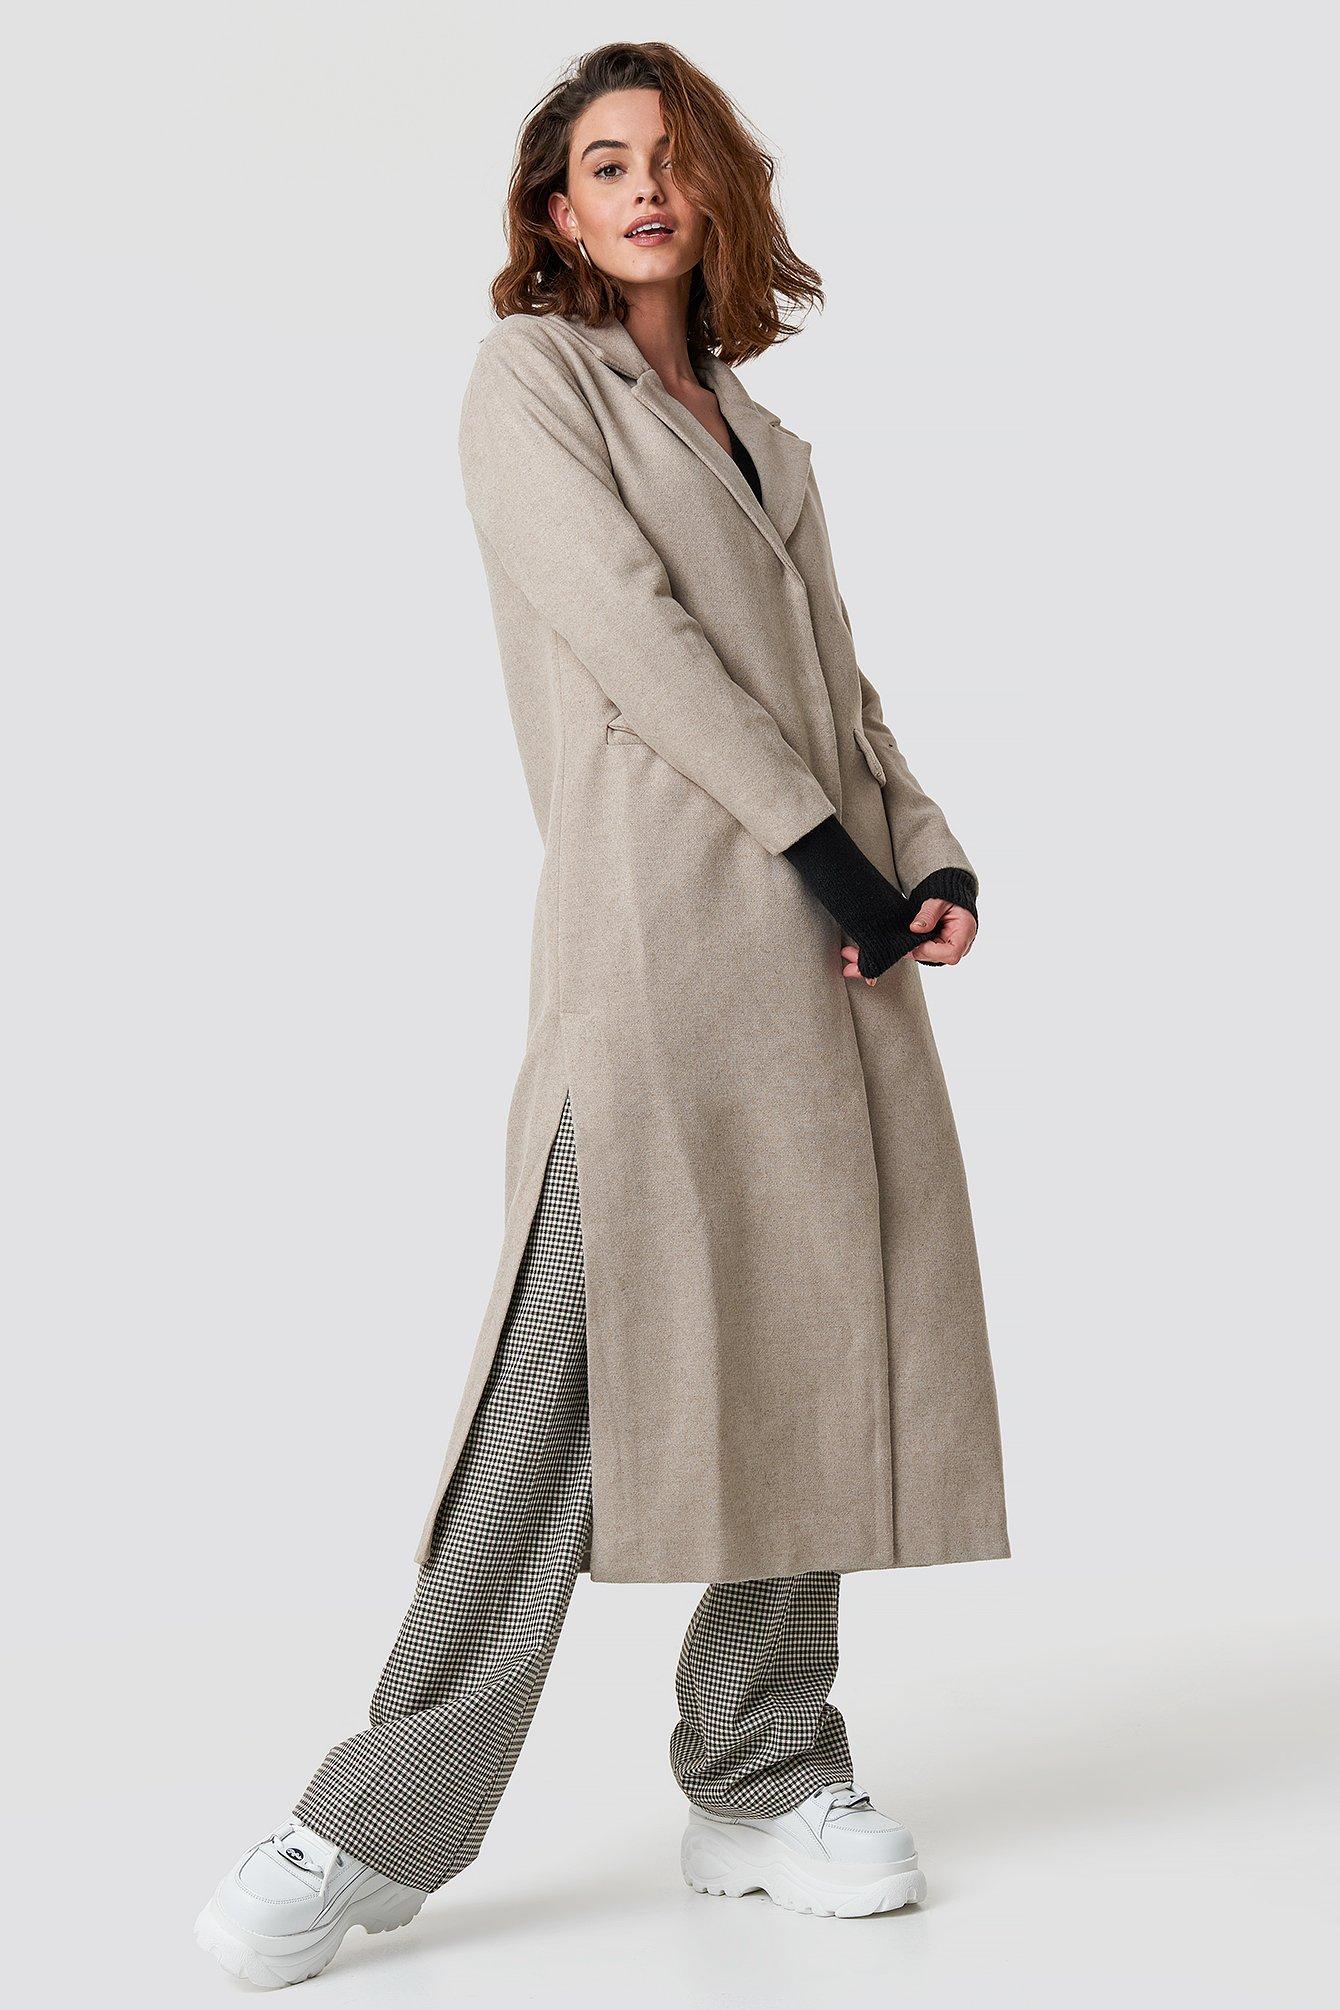 TRENDYOL Milla Long Coat - Beige